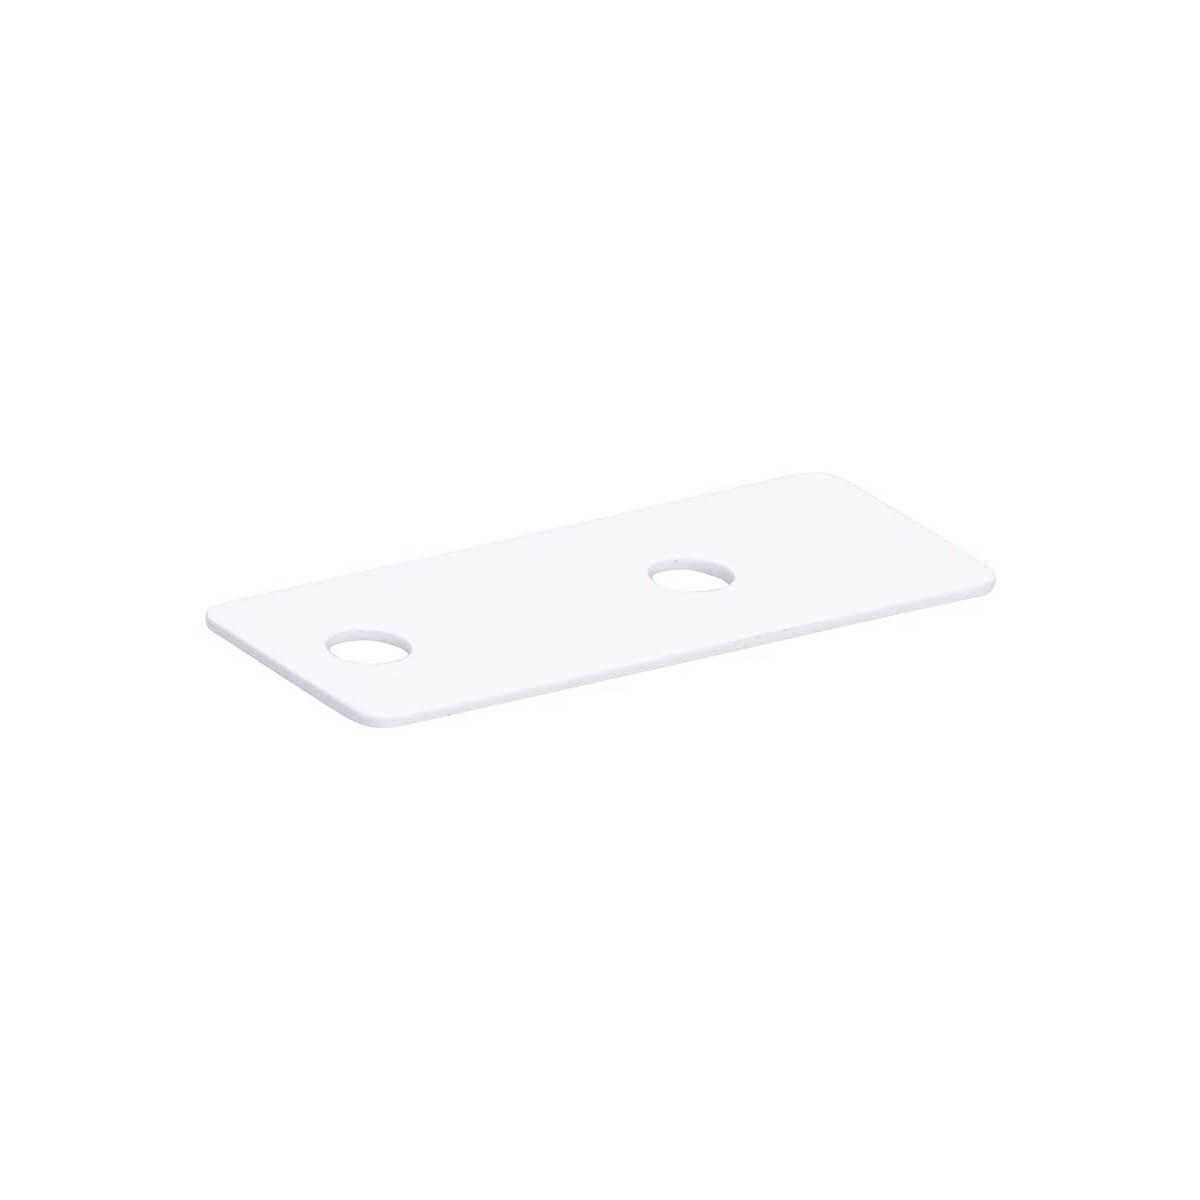 Calço da Dobradiça Esquerda para Geladeira - W10627161